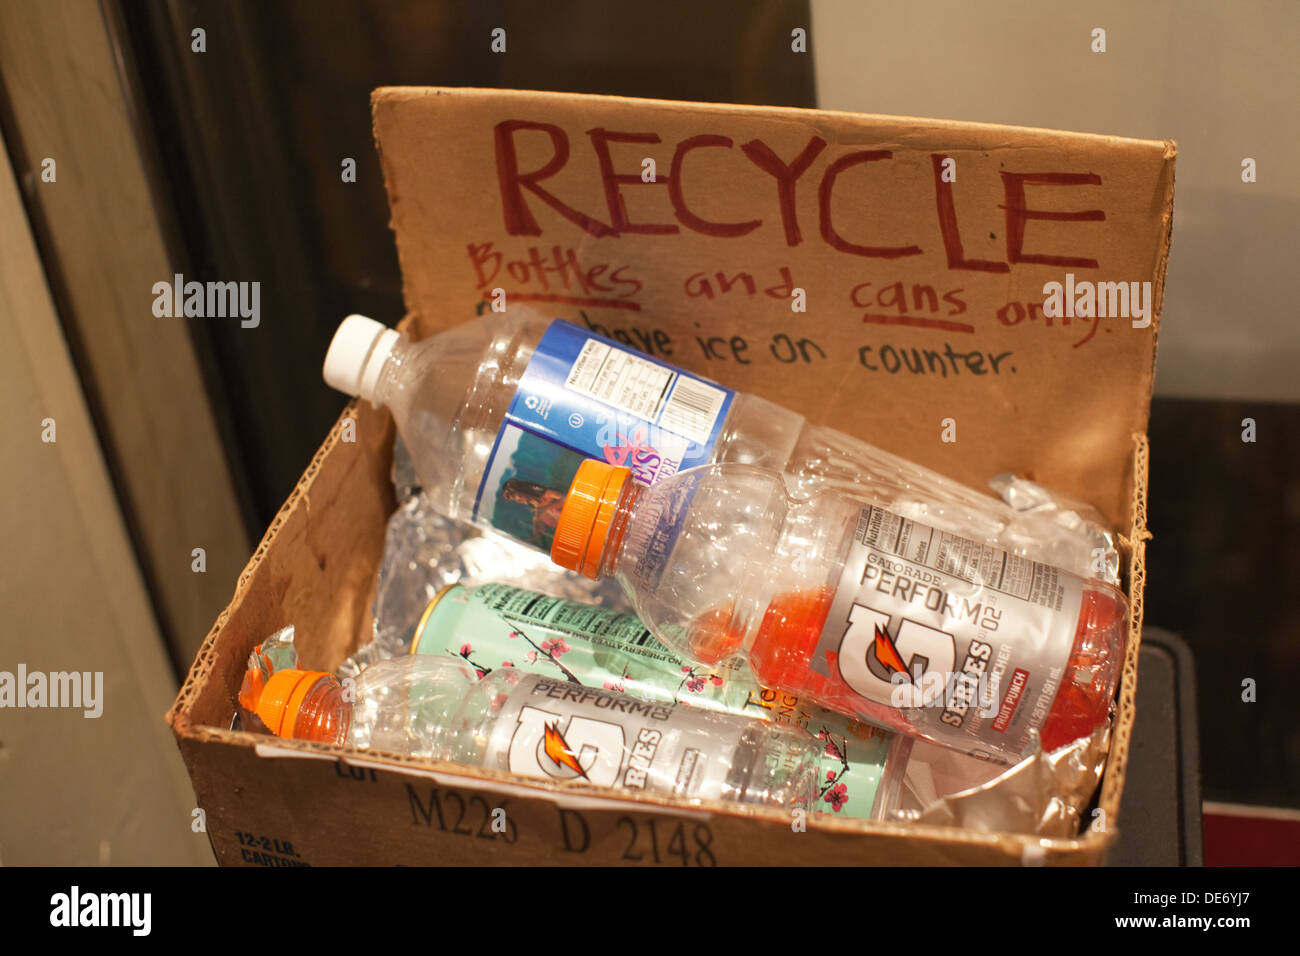 Boîte de recyclage dans une école qui dit 'Recycler les bouteilles et canettes seulement' Banque D'Images